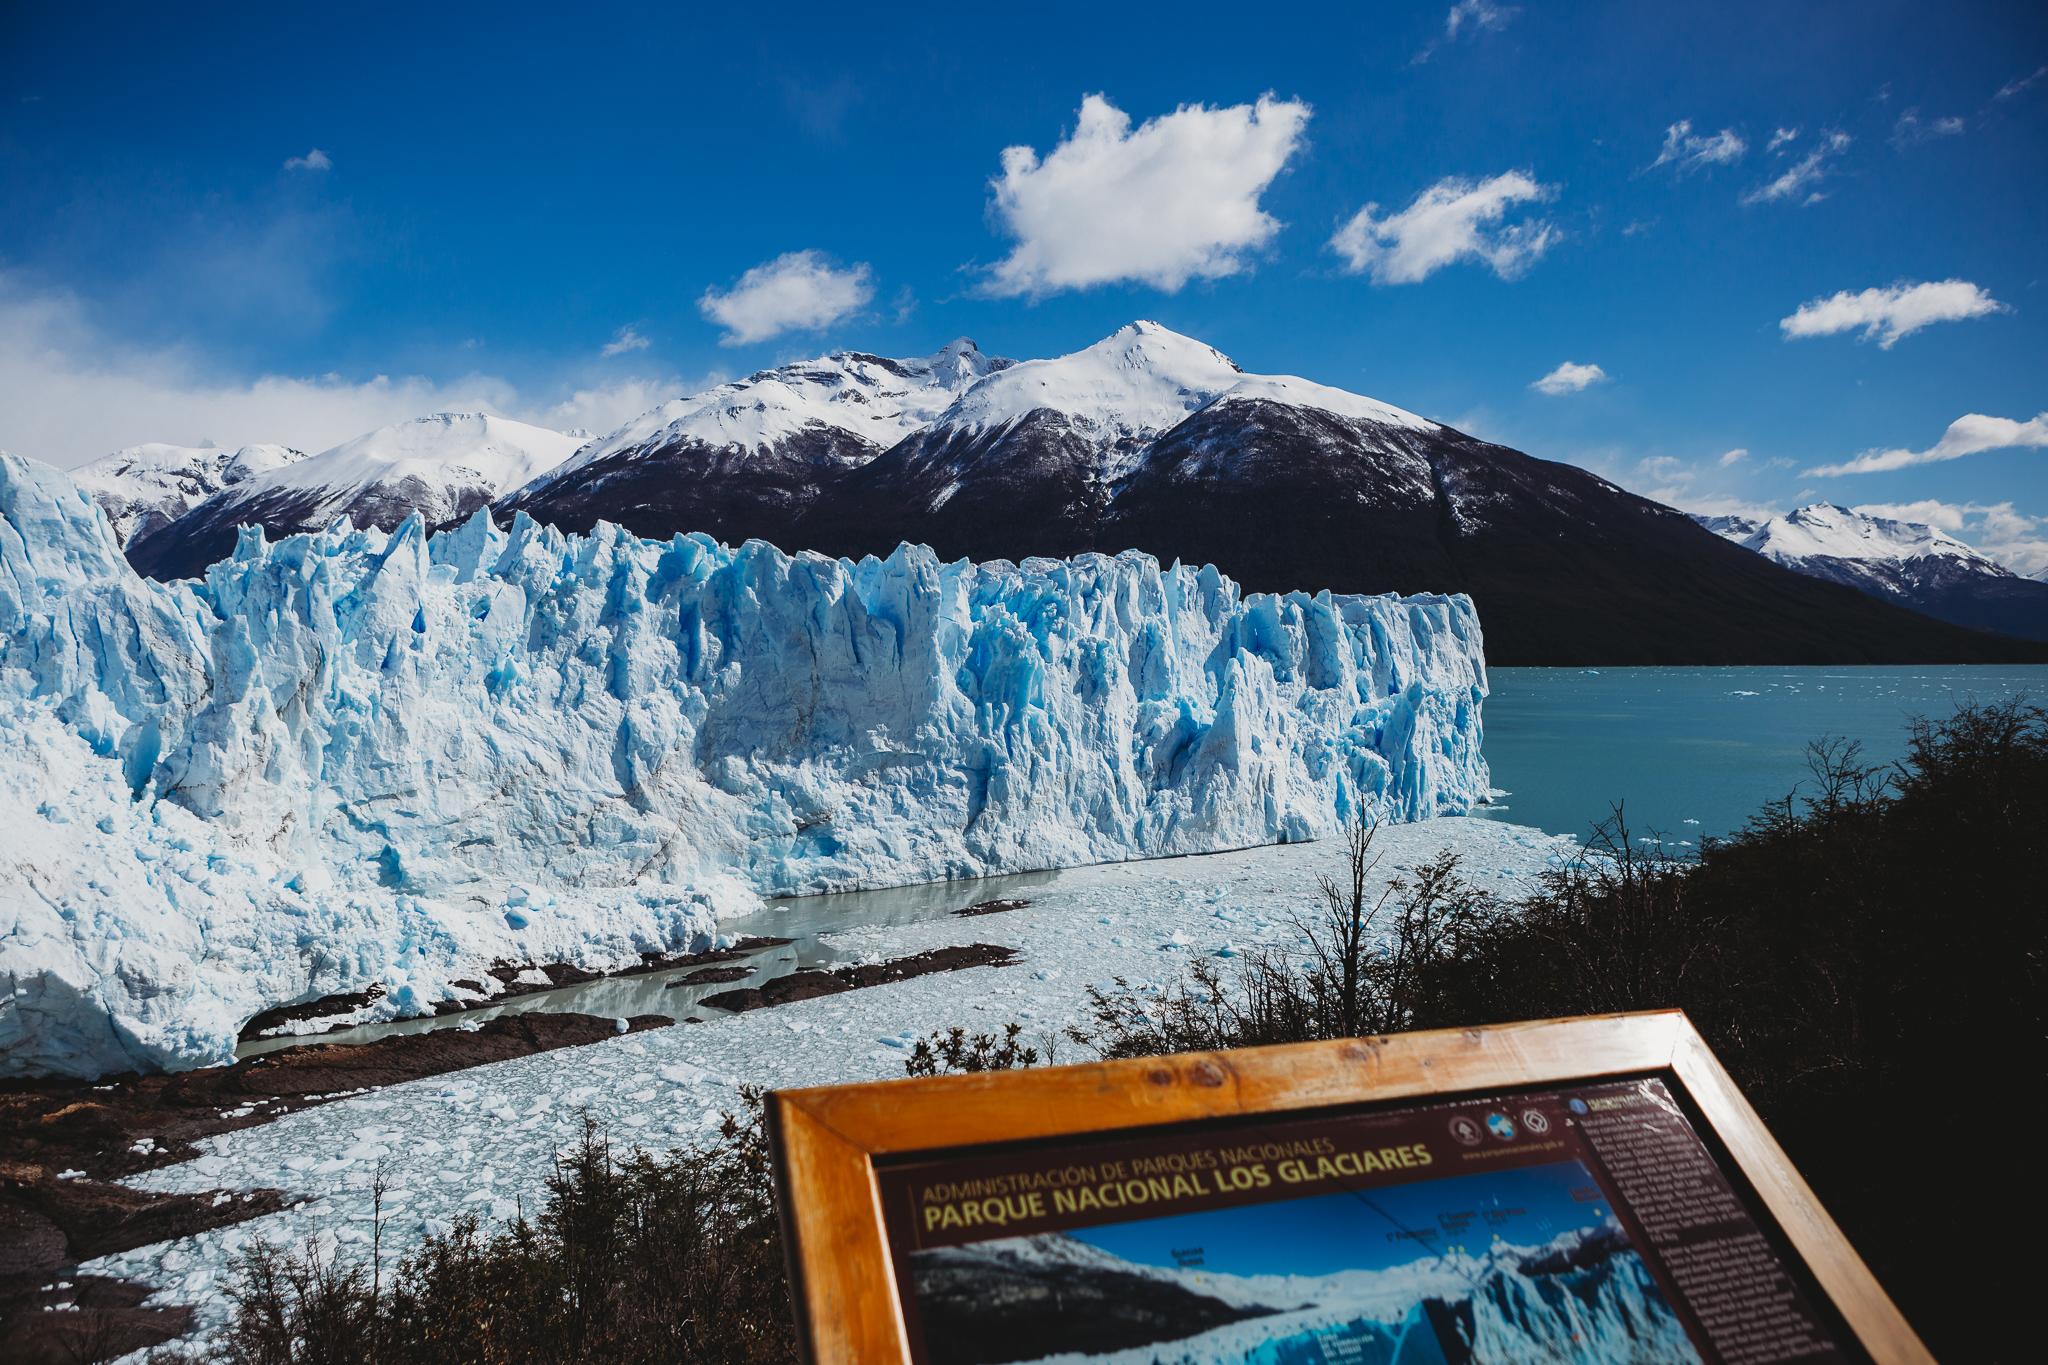 El Calafate, El Chalten, Perito Moreno, Parque Nacional Los Glaciares, Argentina, Buenos Aires-23.jpg